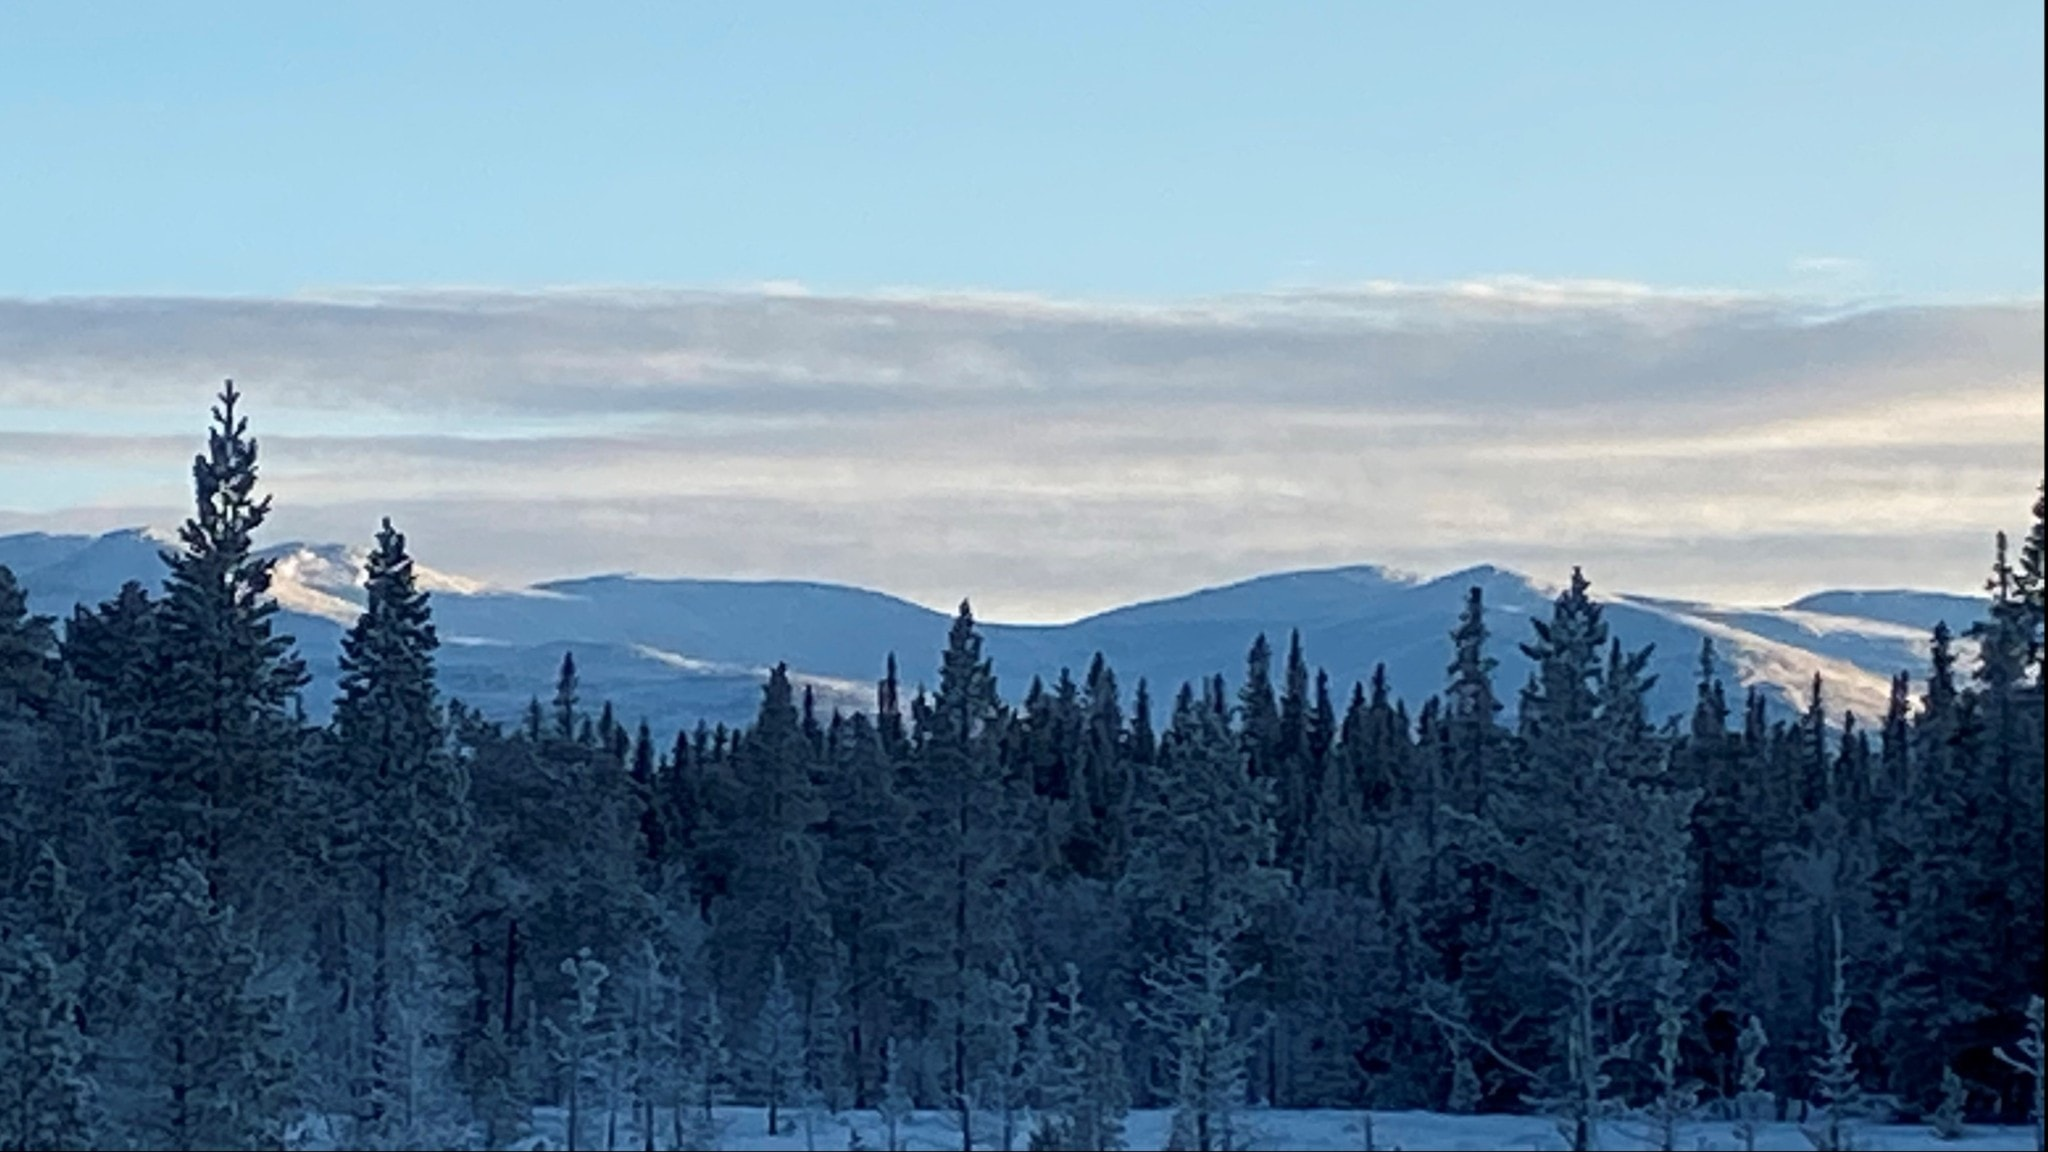 fjäll i eftermiddagssol med snö på, och skog i förgrunden